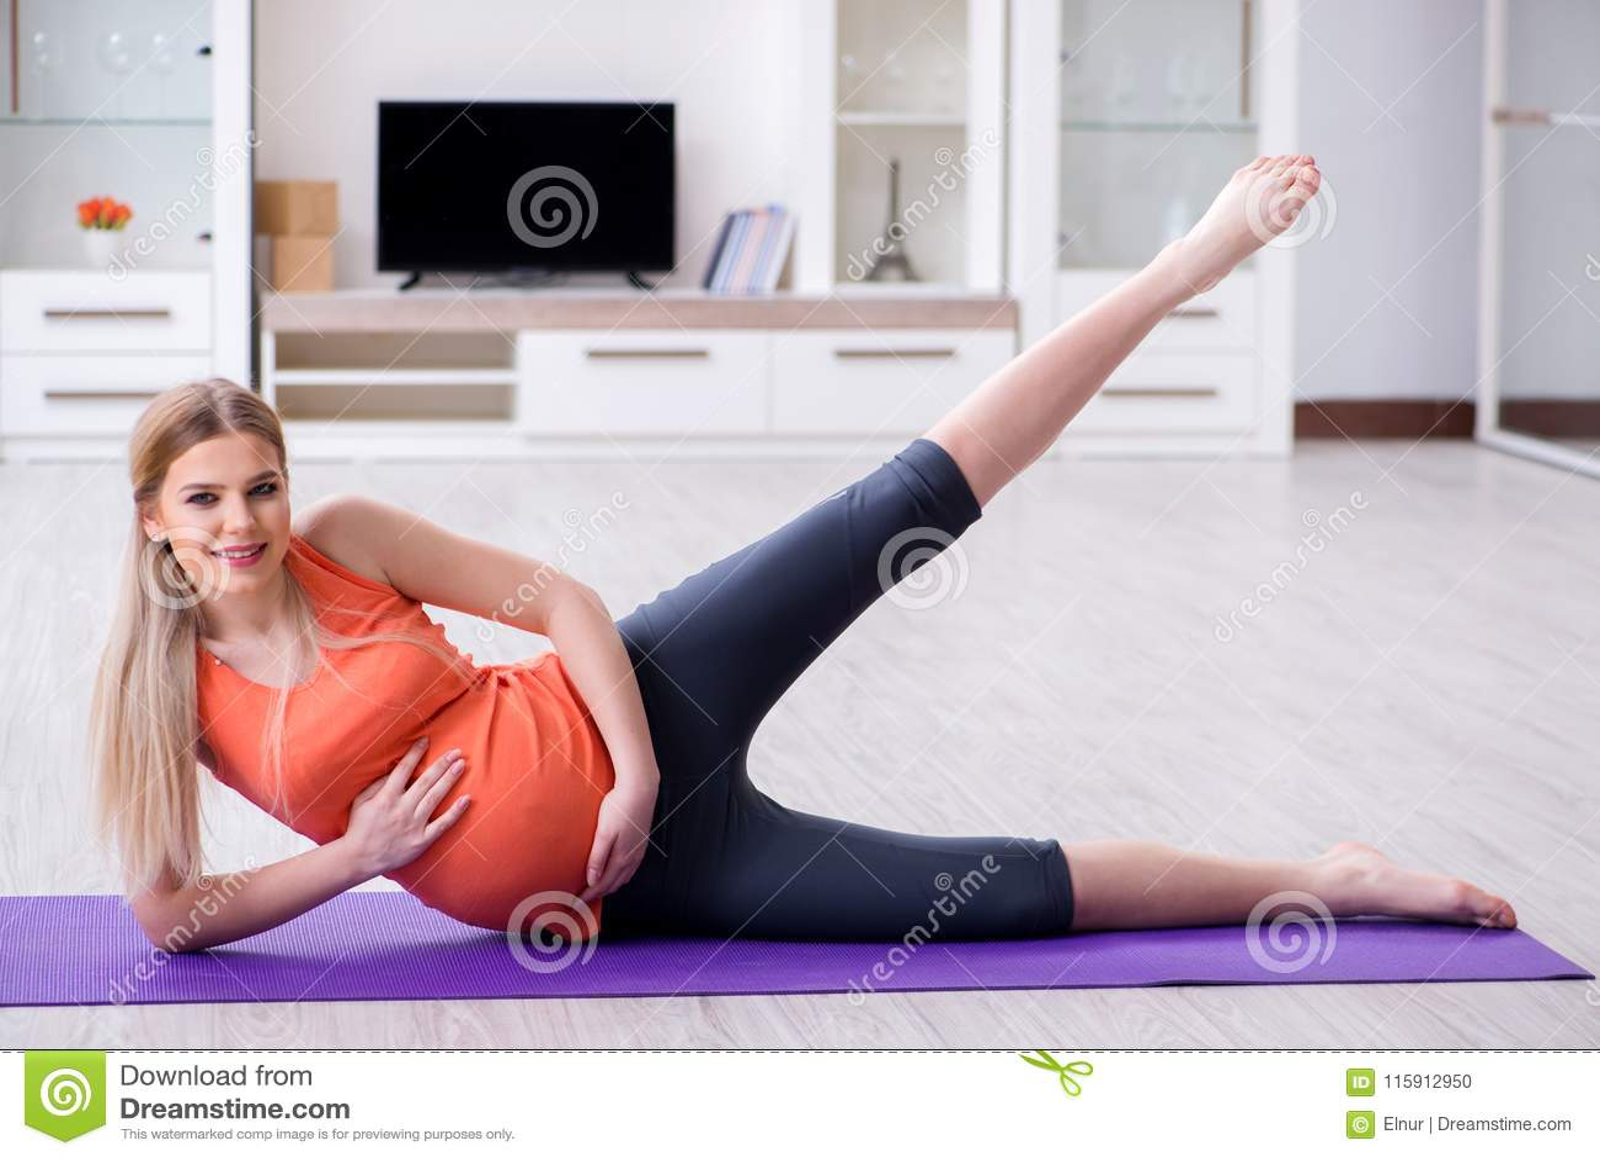 Беременная женщина делая тренировку спорта дома